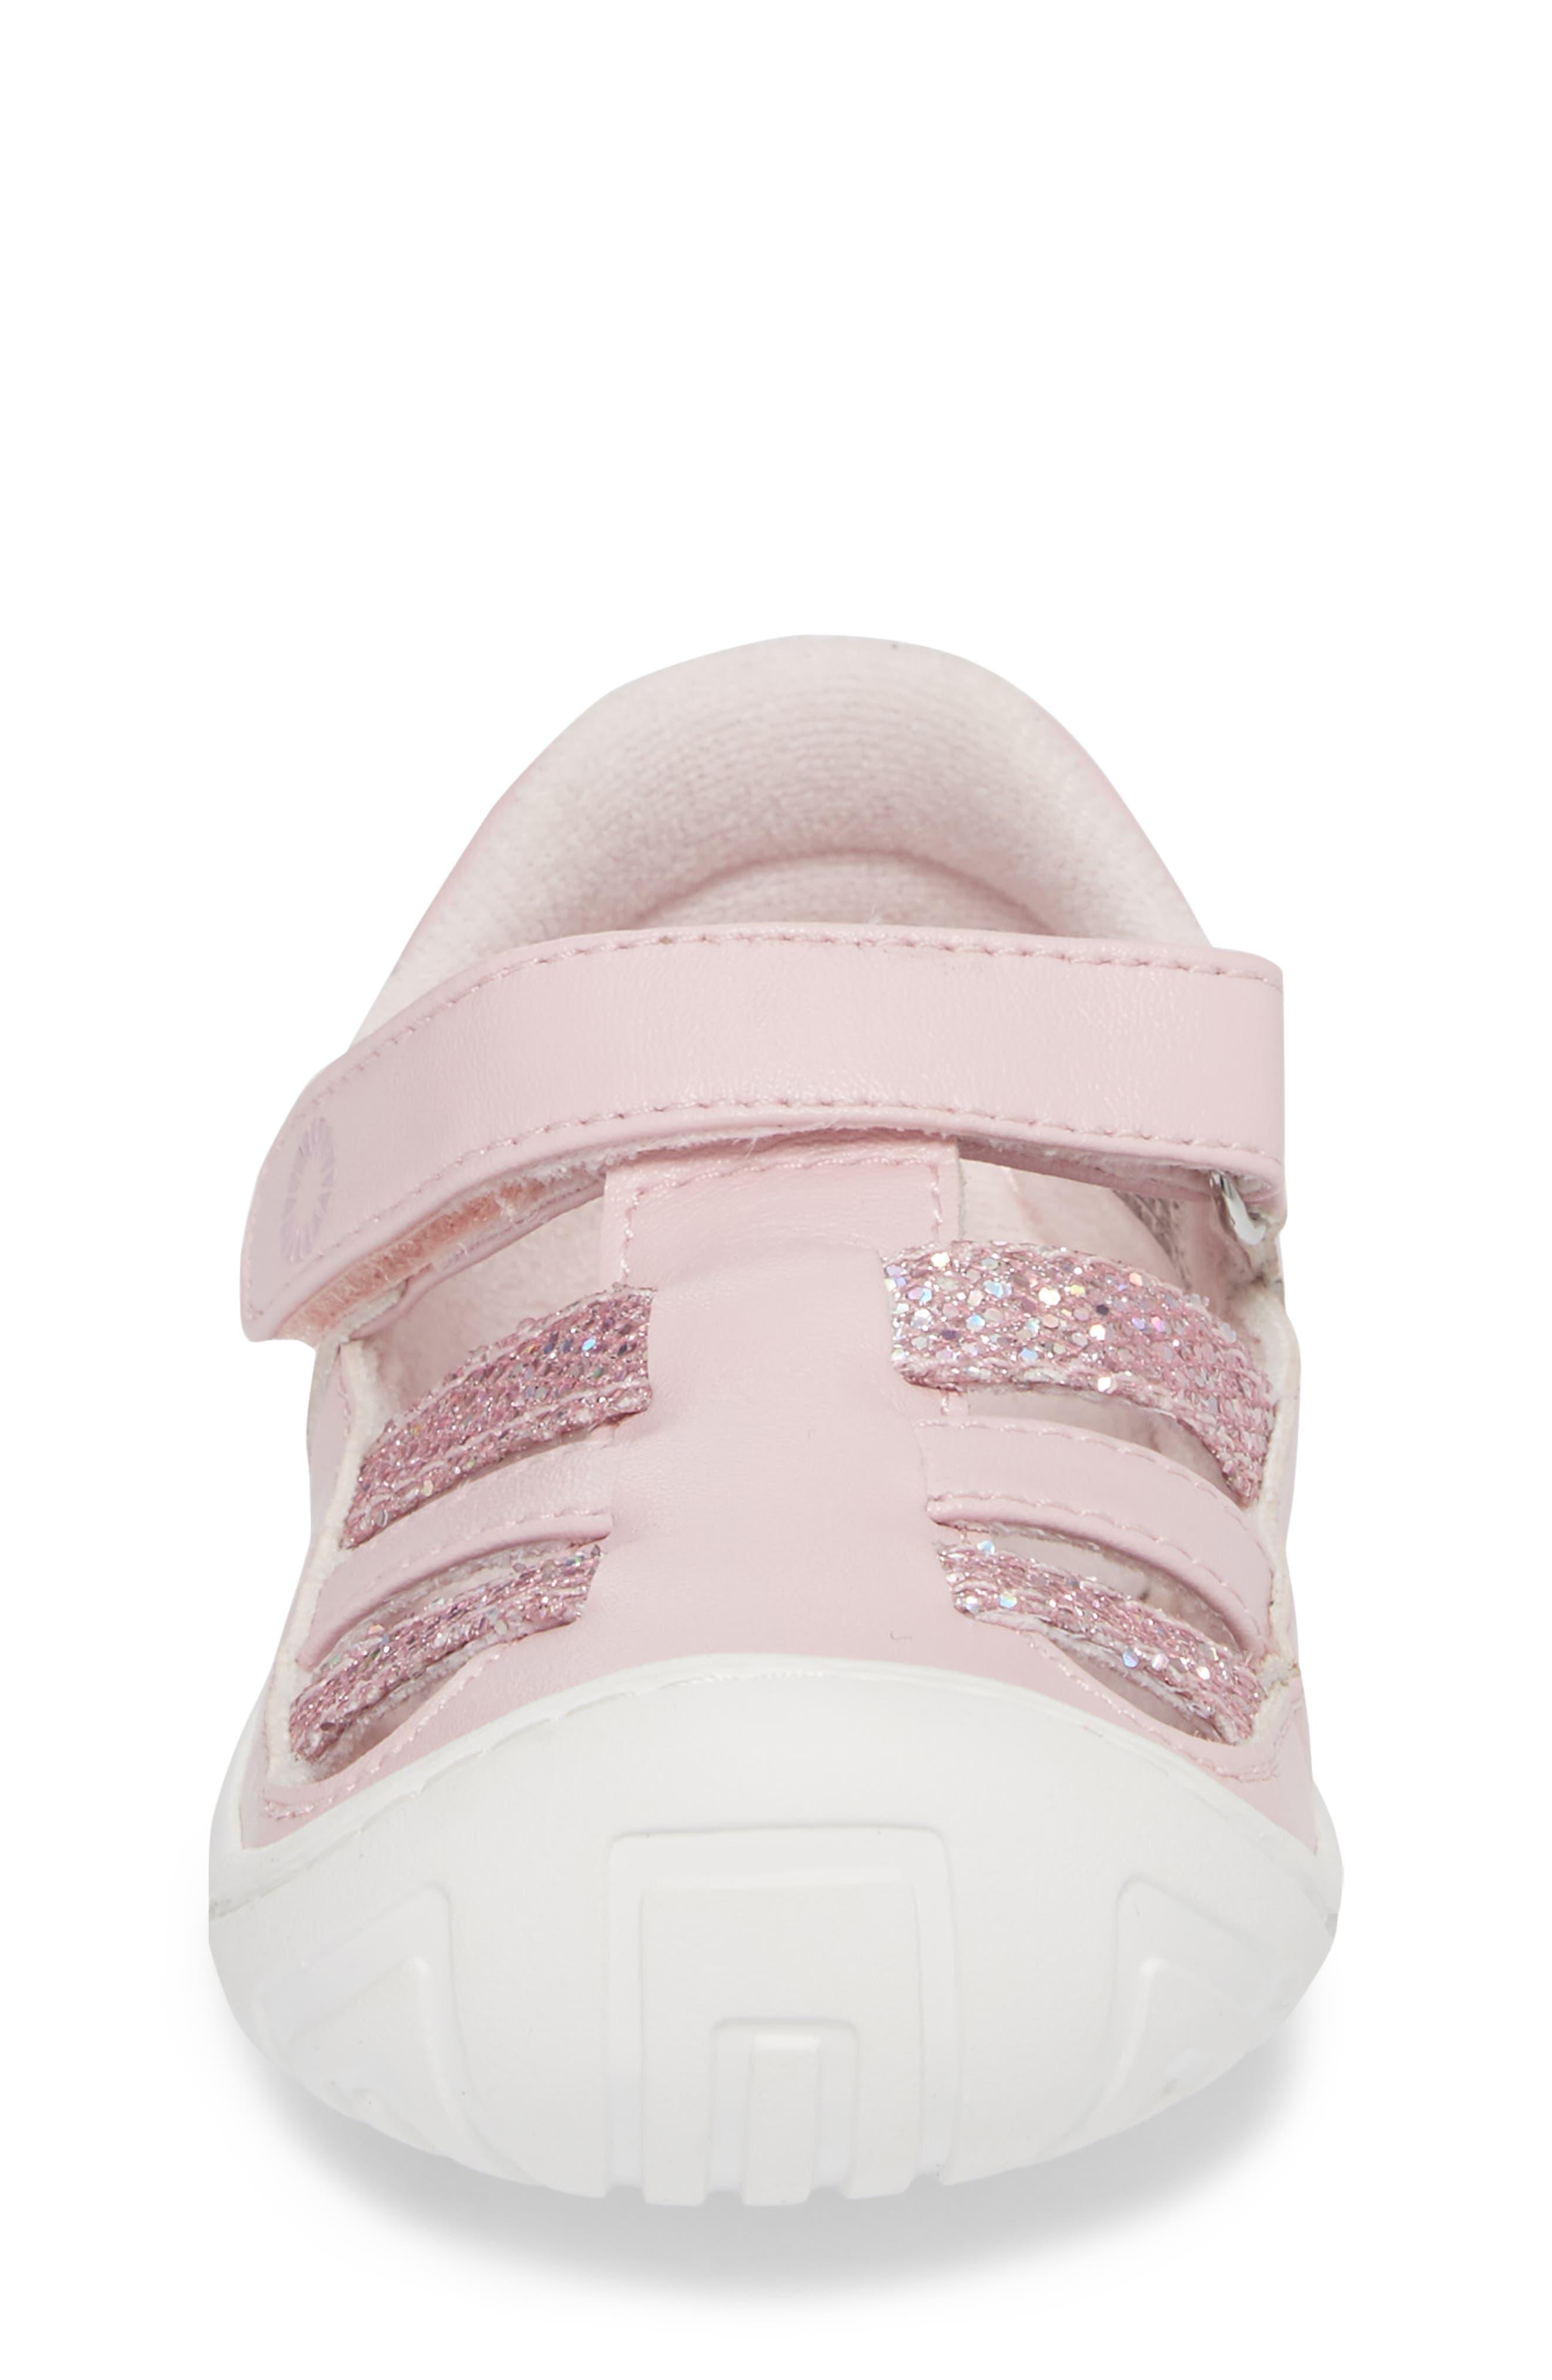 Santore Glitter Sandal,                             Alternate thumbnail 4, color,                             Seashell Pink